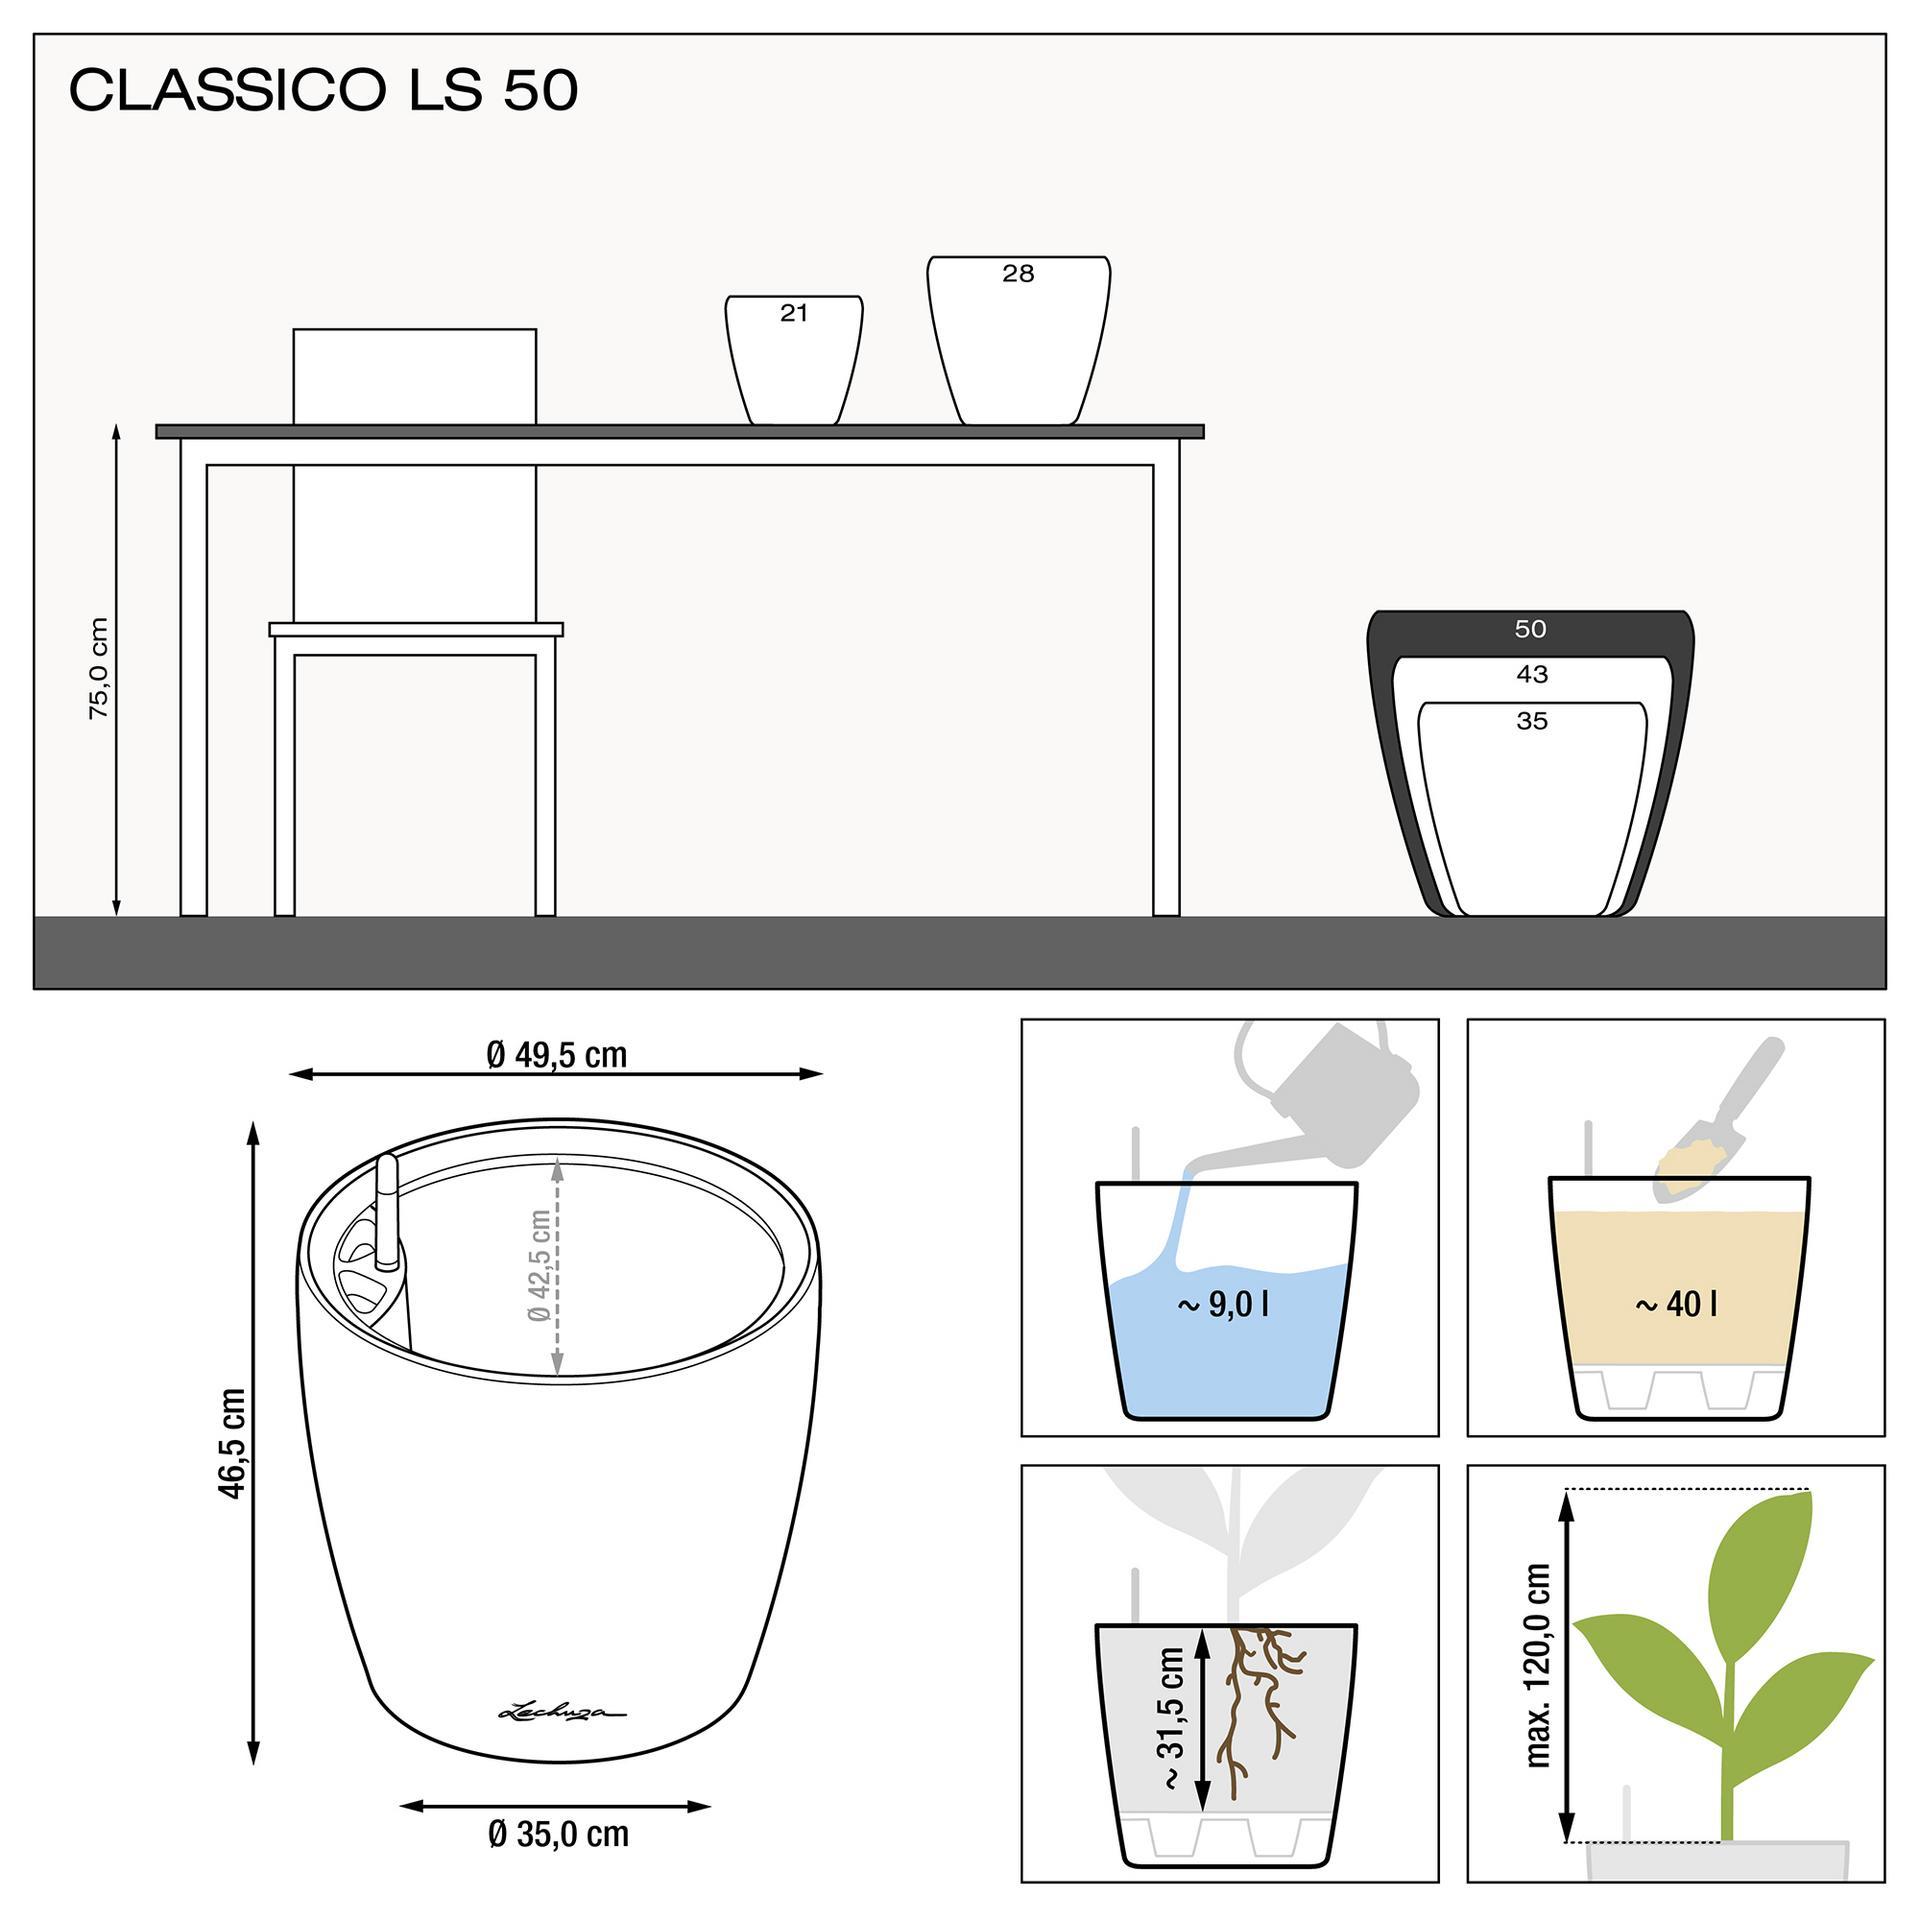 le_classico-ls50_product_addi_nz